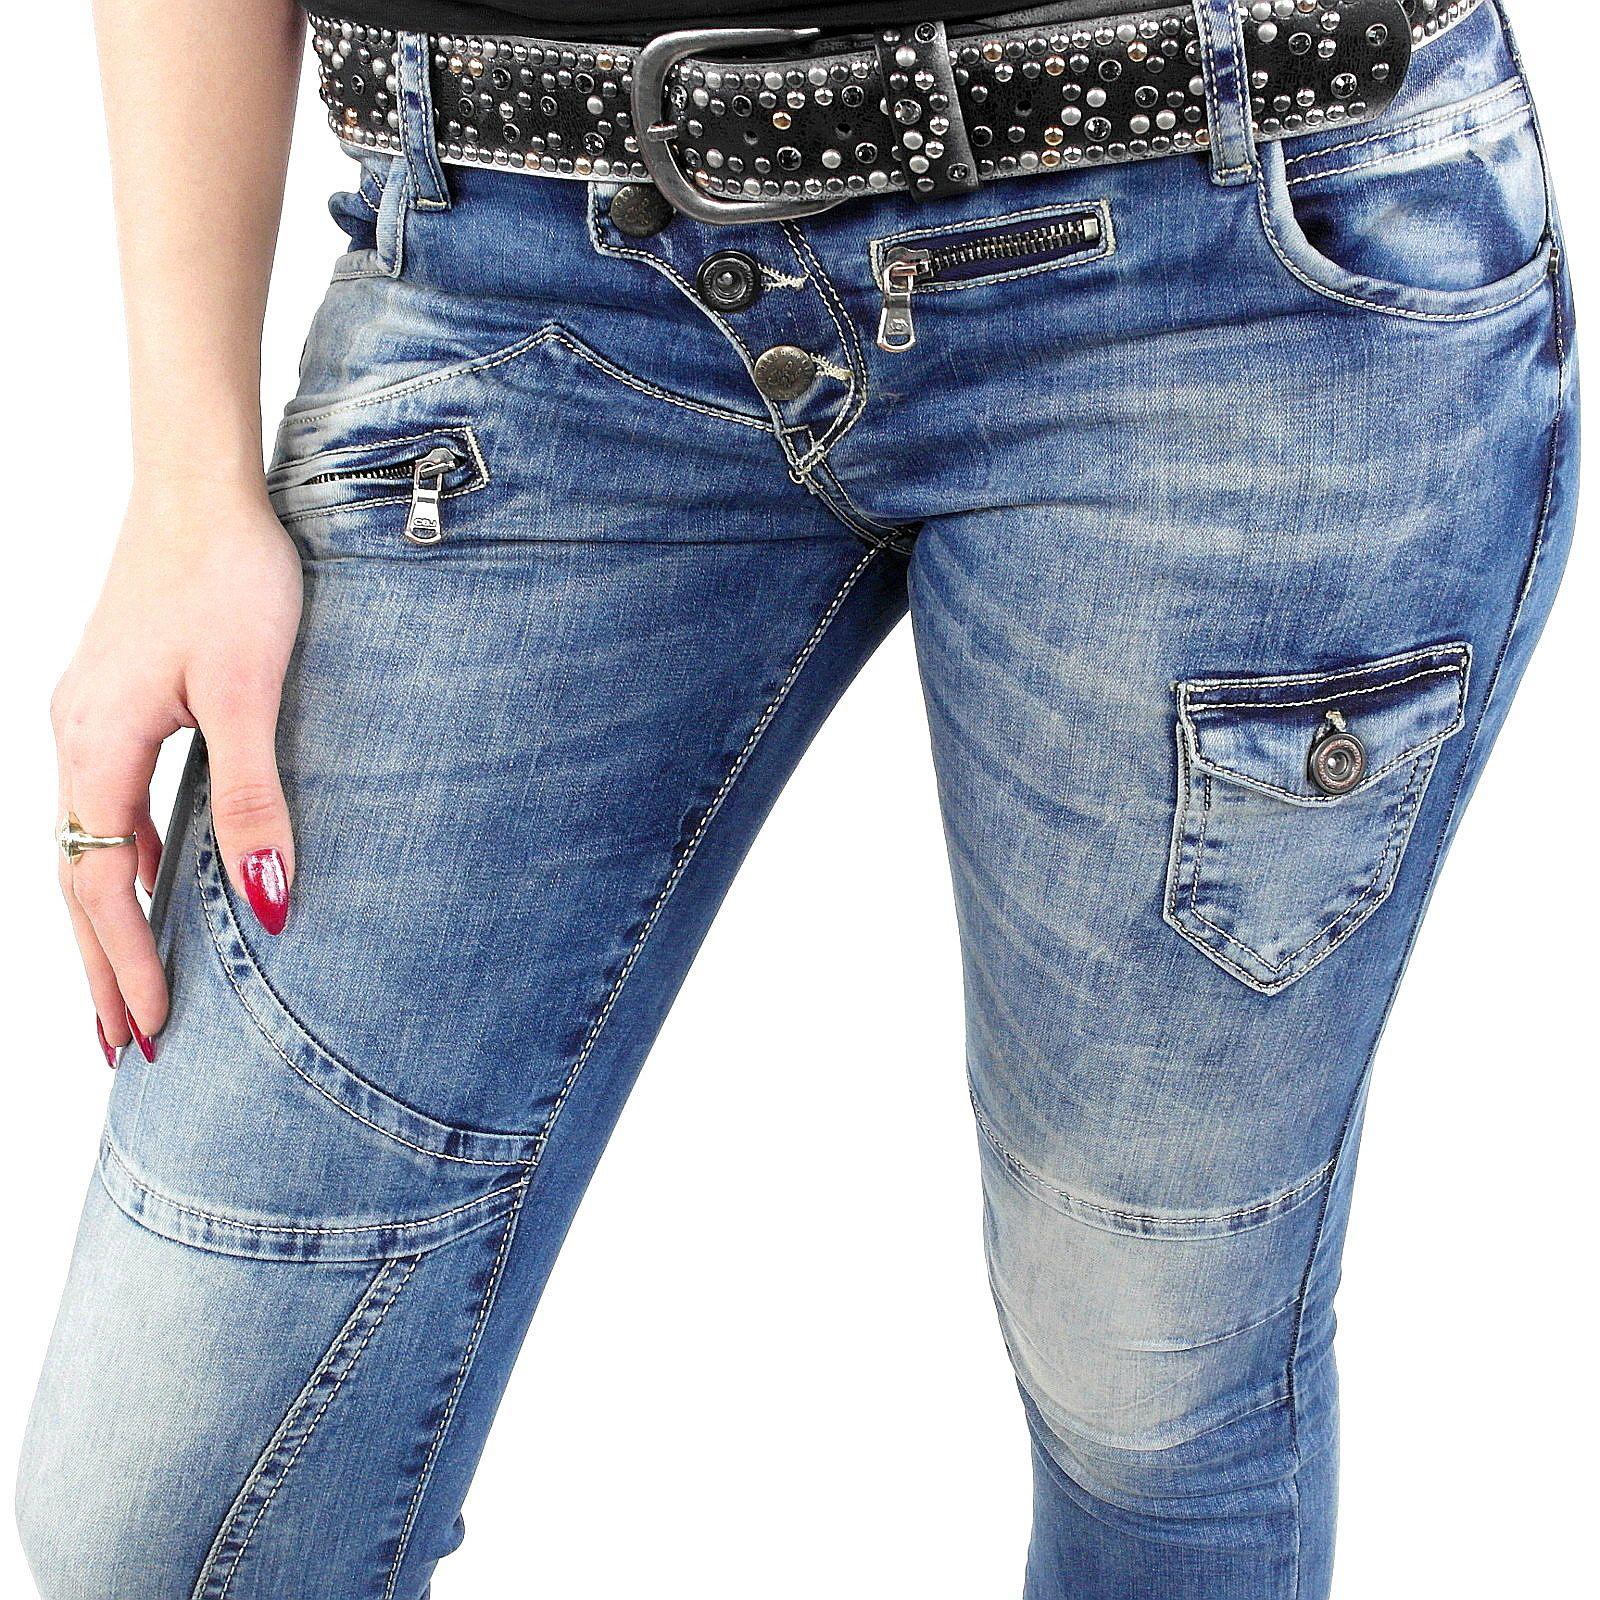 Stylefabrik Fashion Jeans mit stylischen Verzierungen